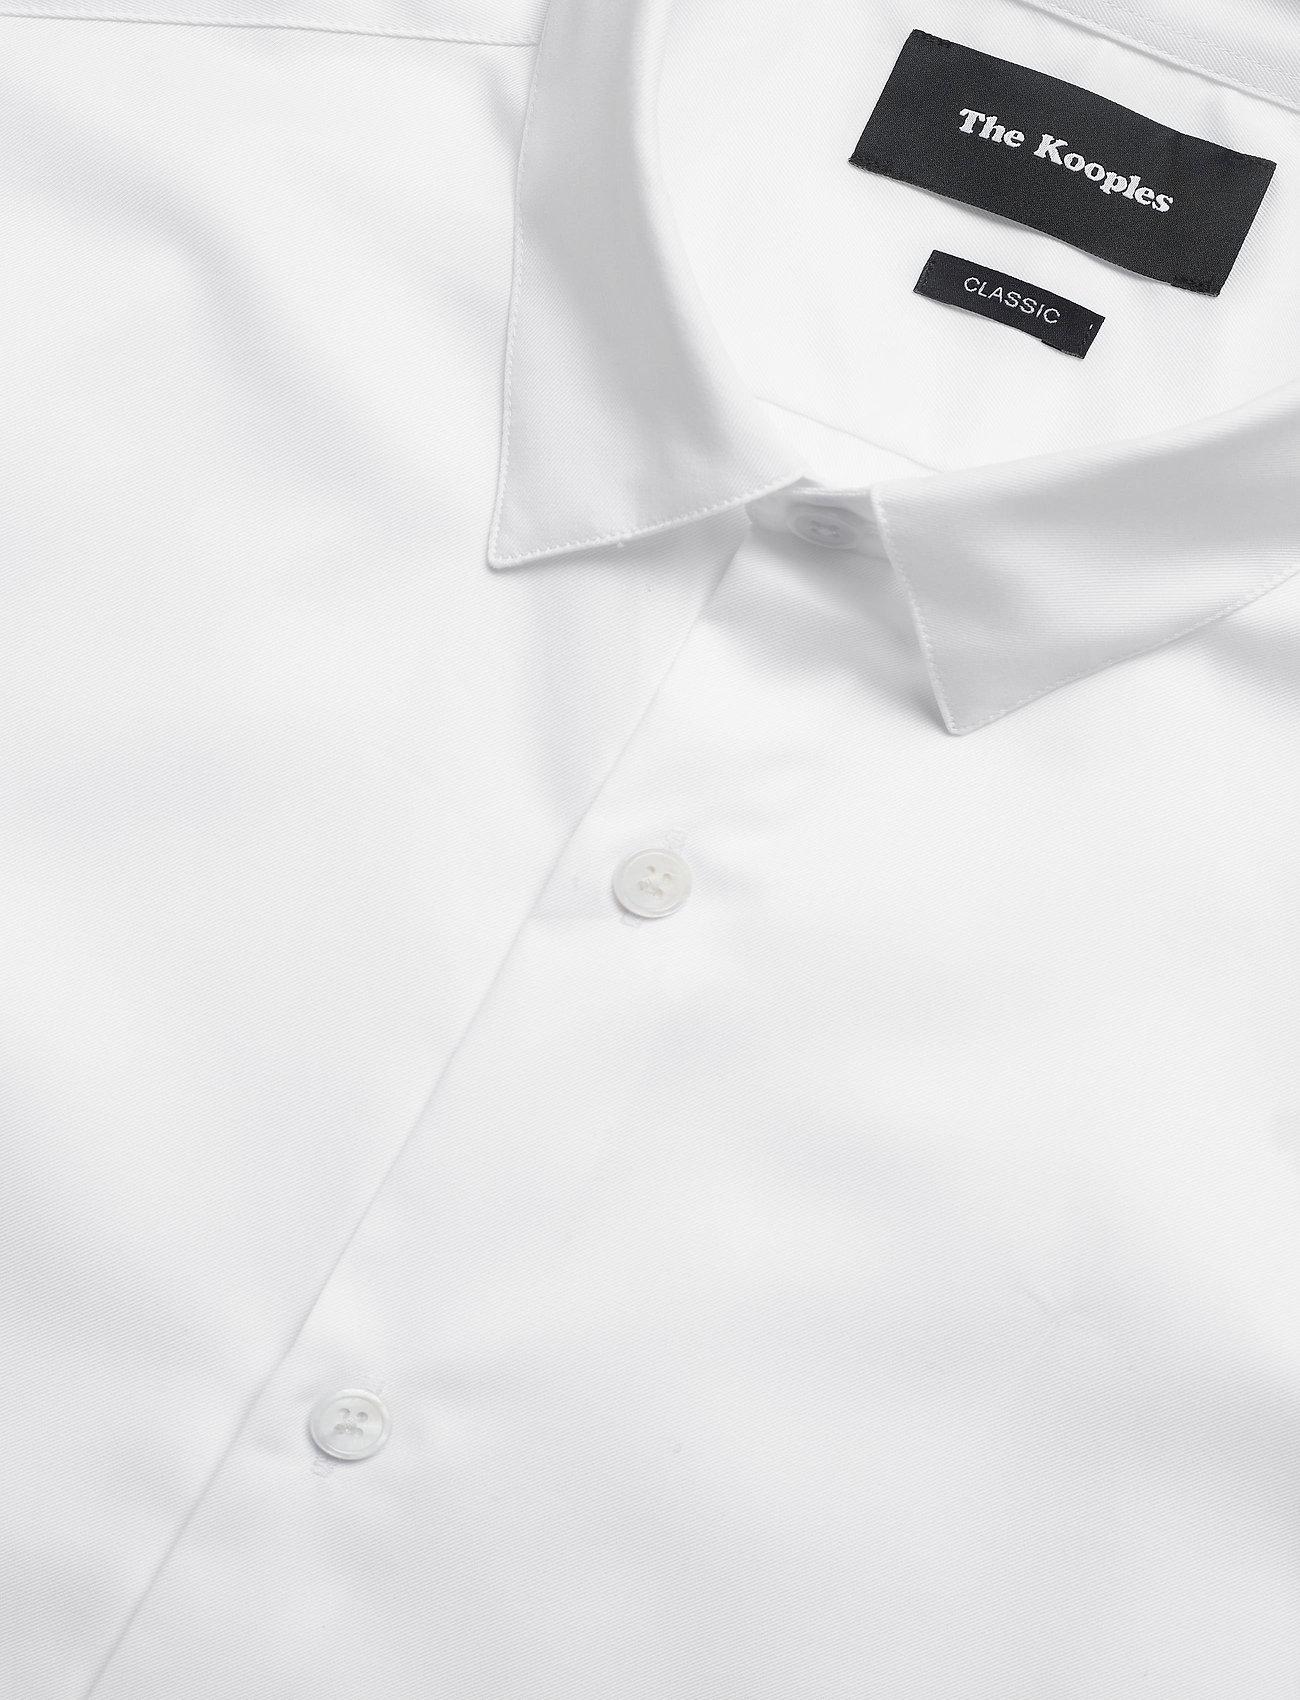 The Kooples CHEMISE - Skjorter WHITE - Menn Klær